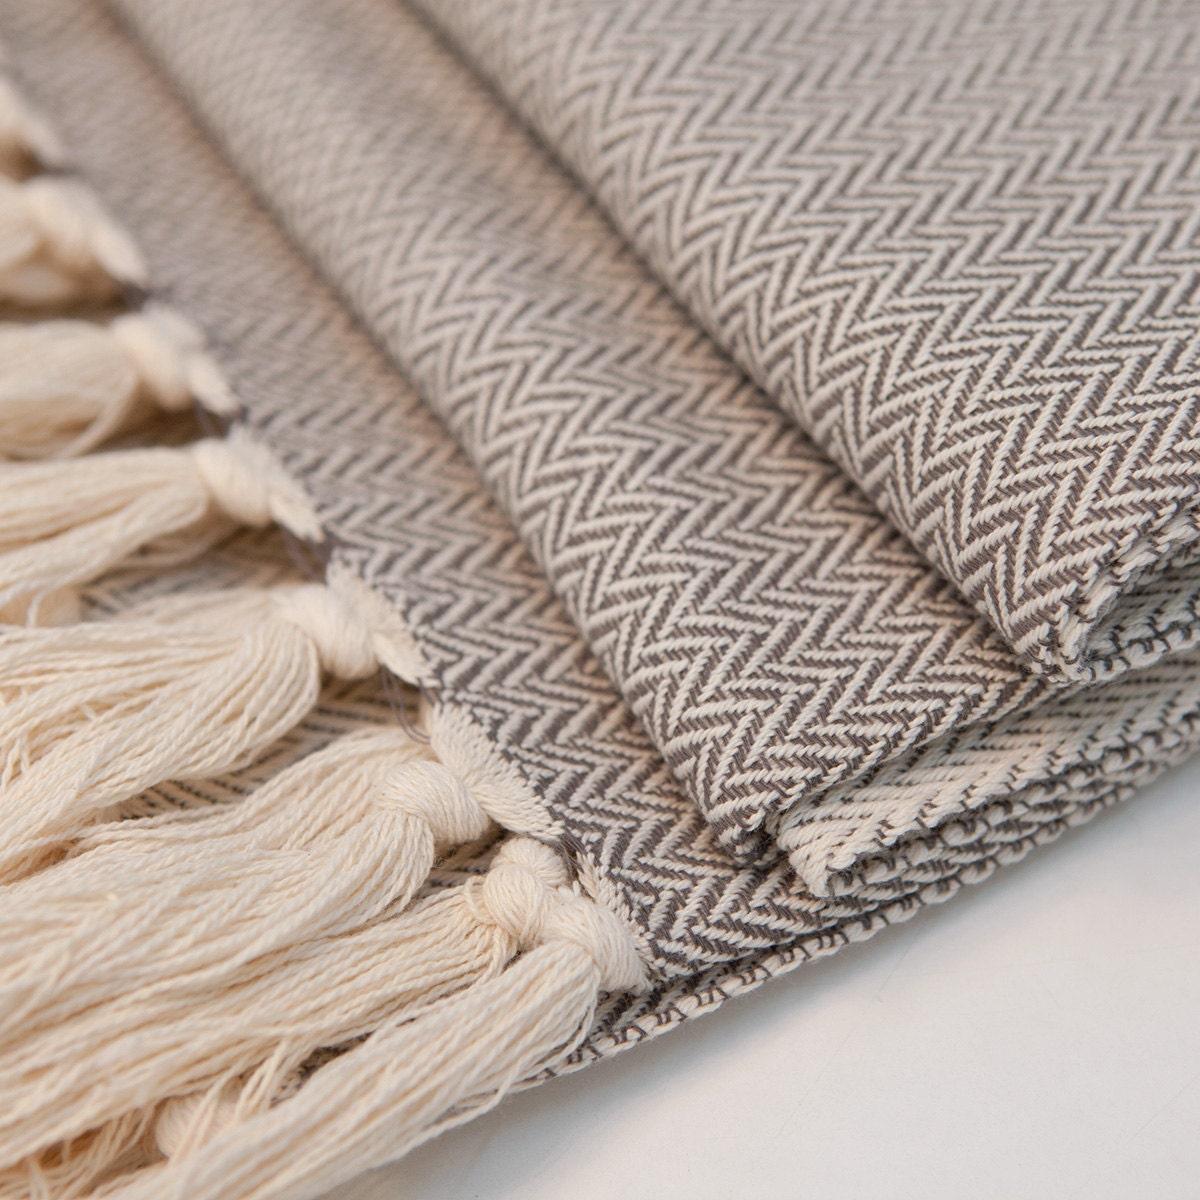 Gray Herringbone Coverlet : Beige grey throw luxury bedding herringbone pattern by